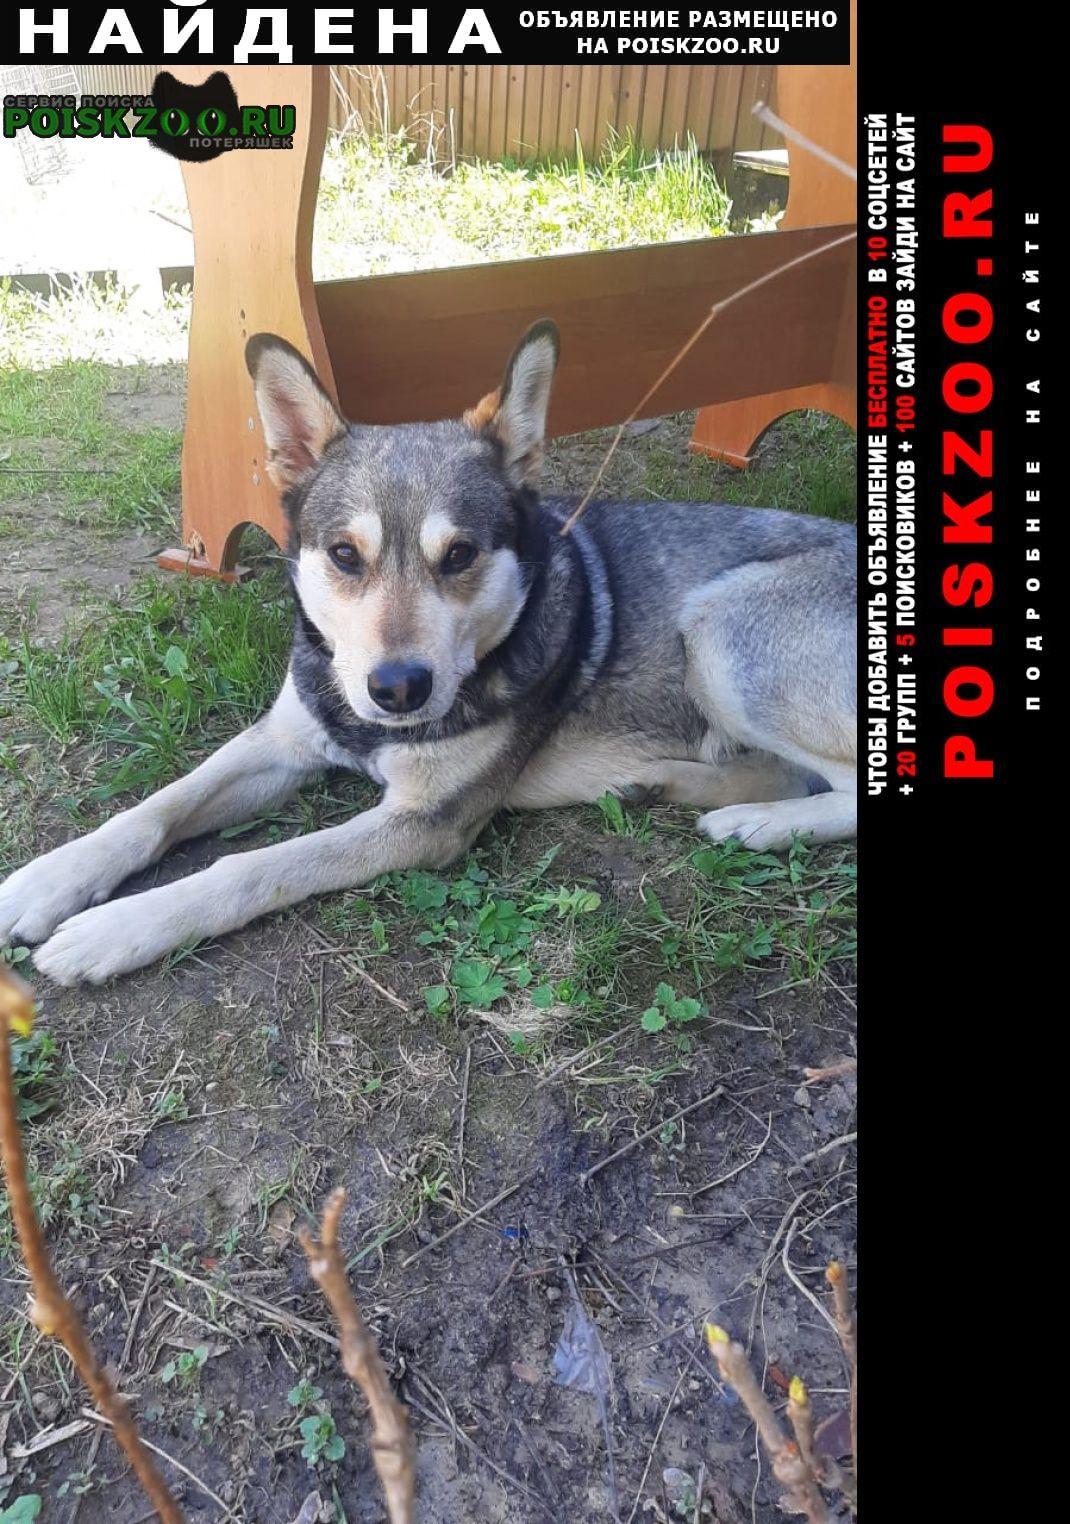 Найдена собака кобель Подольск